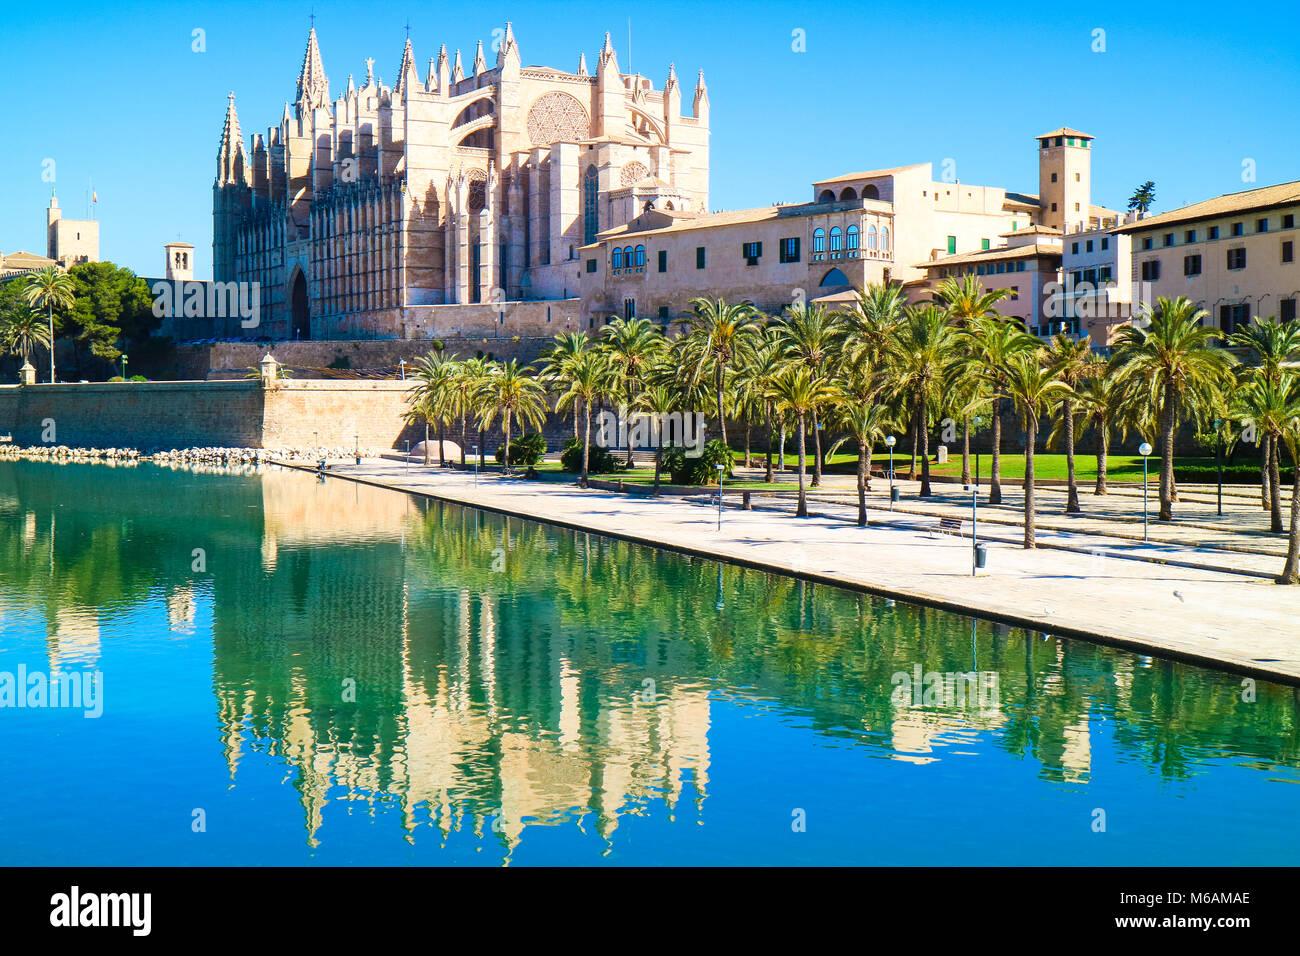 La Seu - Die berühmten mittelalterlichen gotischen Kathedrale. Palma de Mallorca, Spanien. Wasser Reflexion. Stockbild